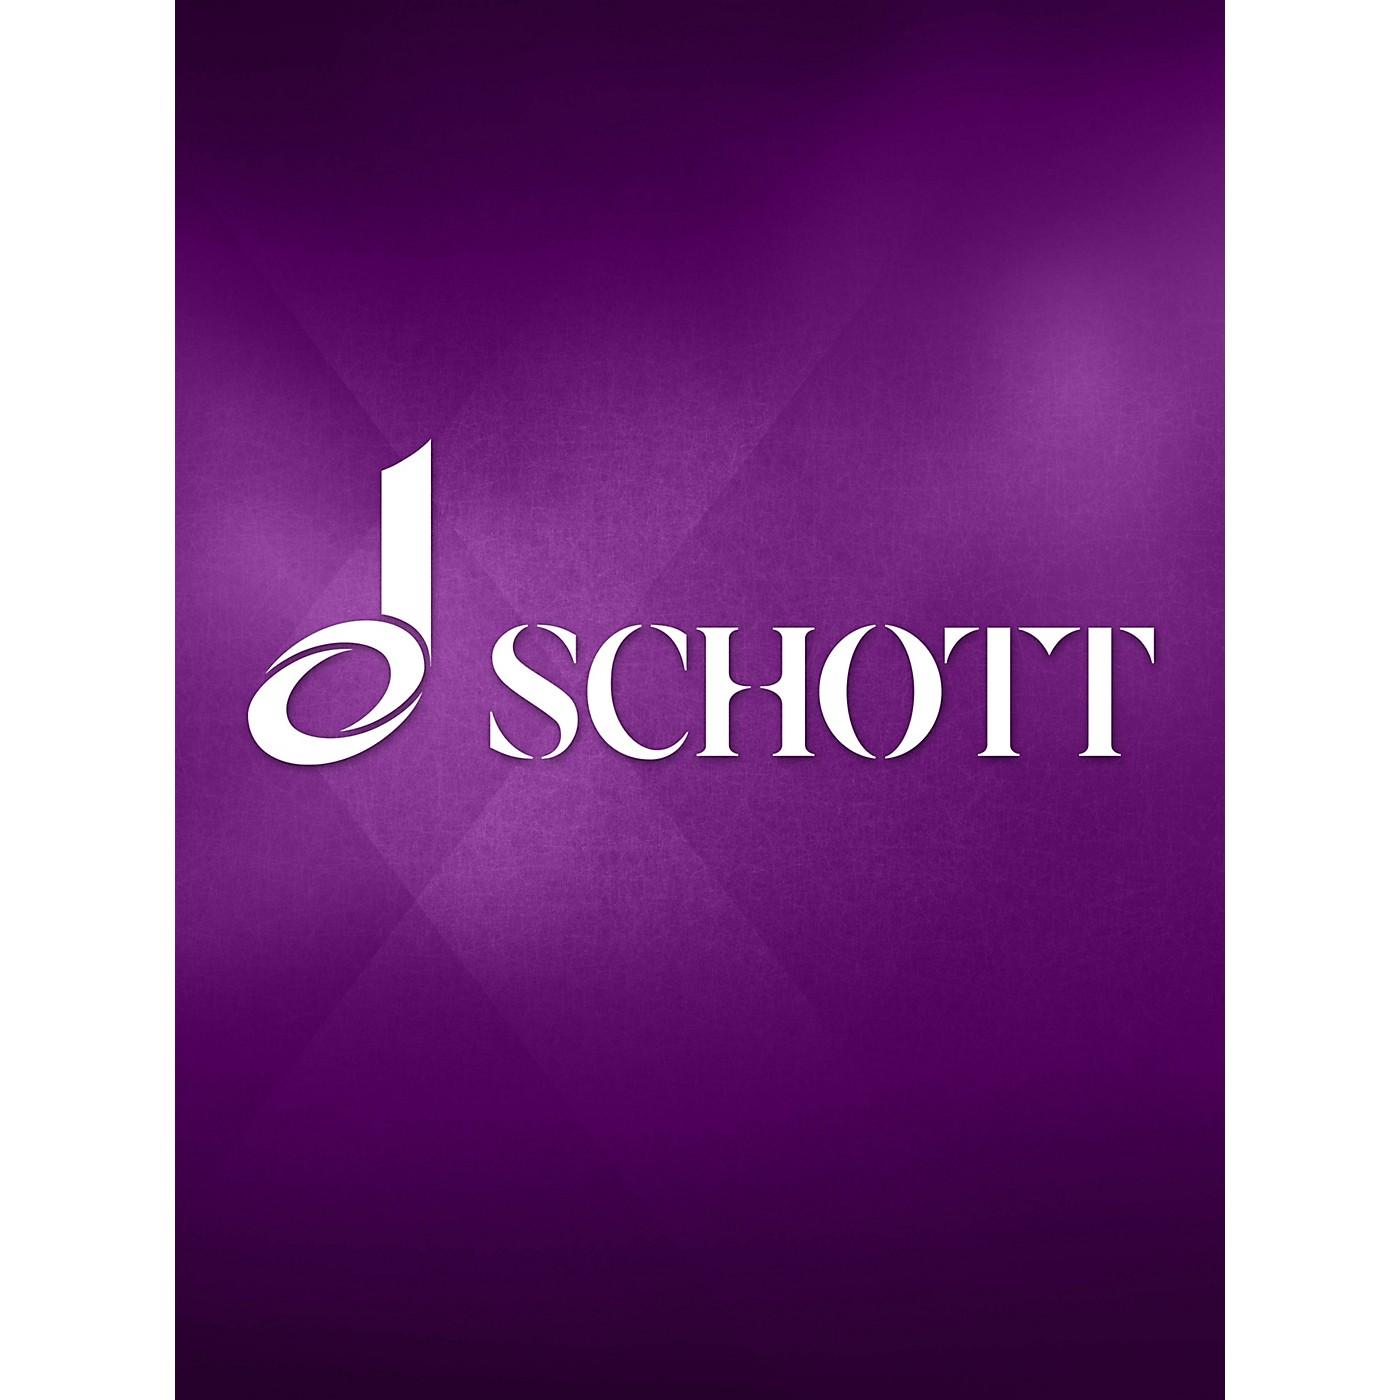 Eulenburg Musique de Table Suite (Cembalo Part) Schott Series Composed by Georg Philipp Telemann thumbnail